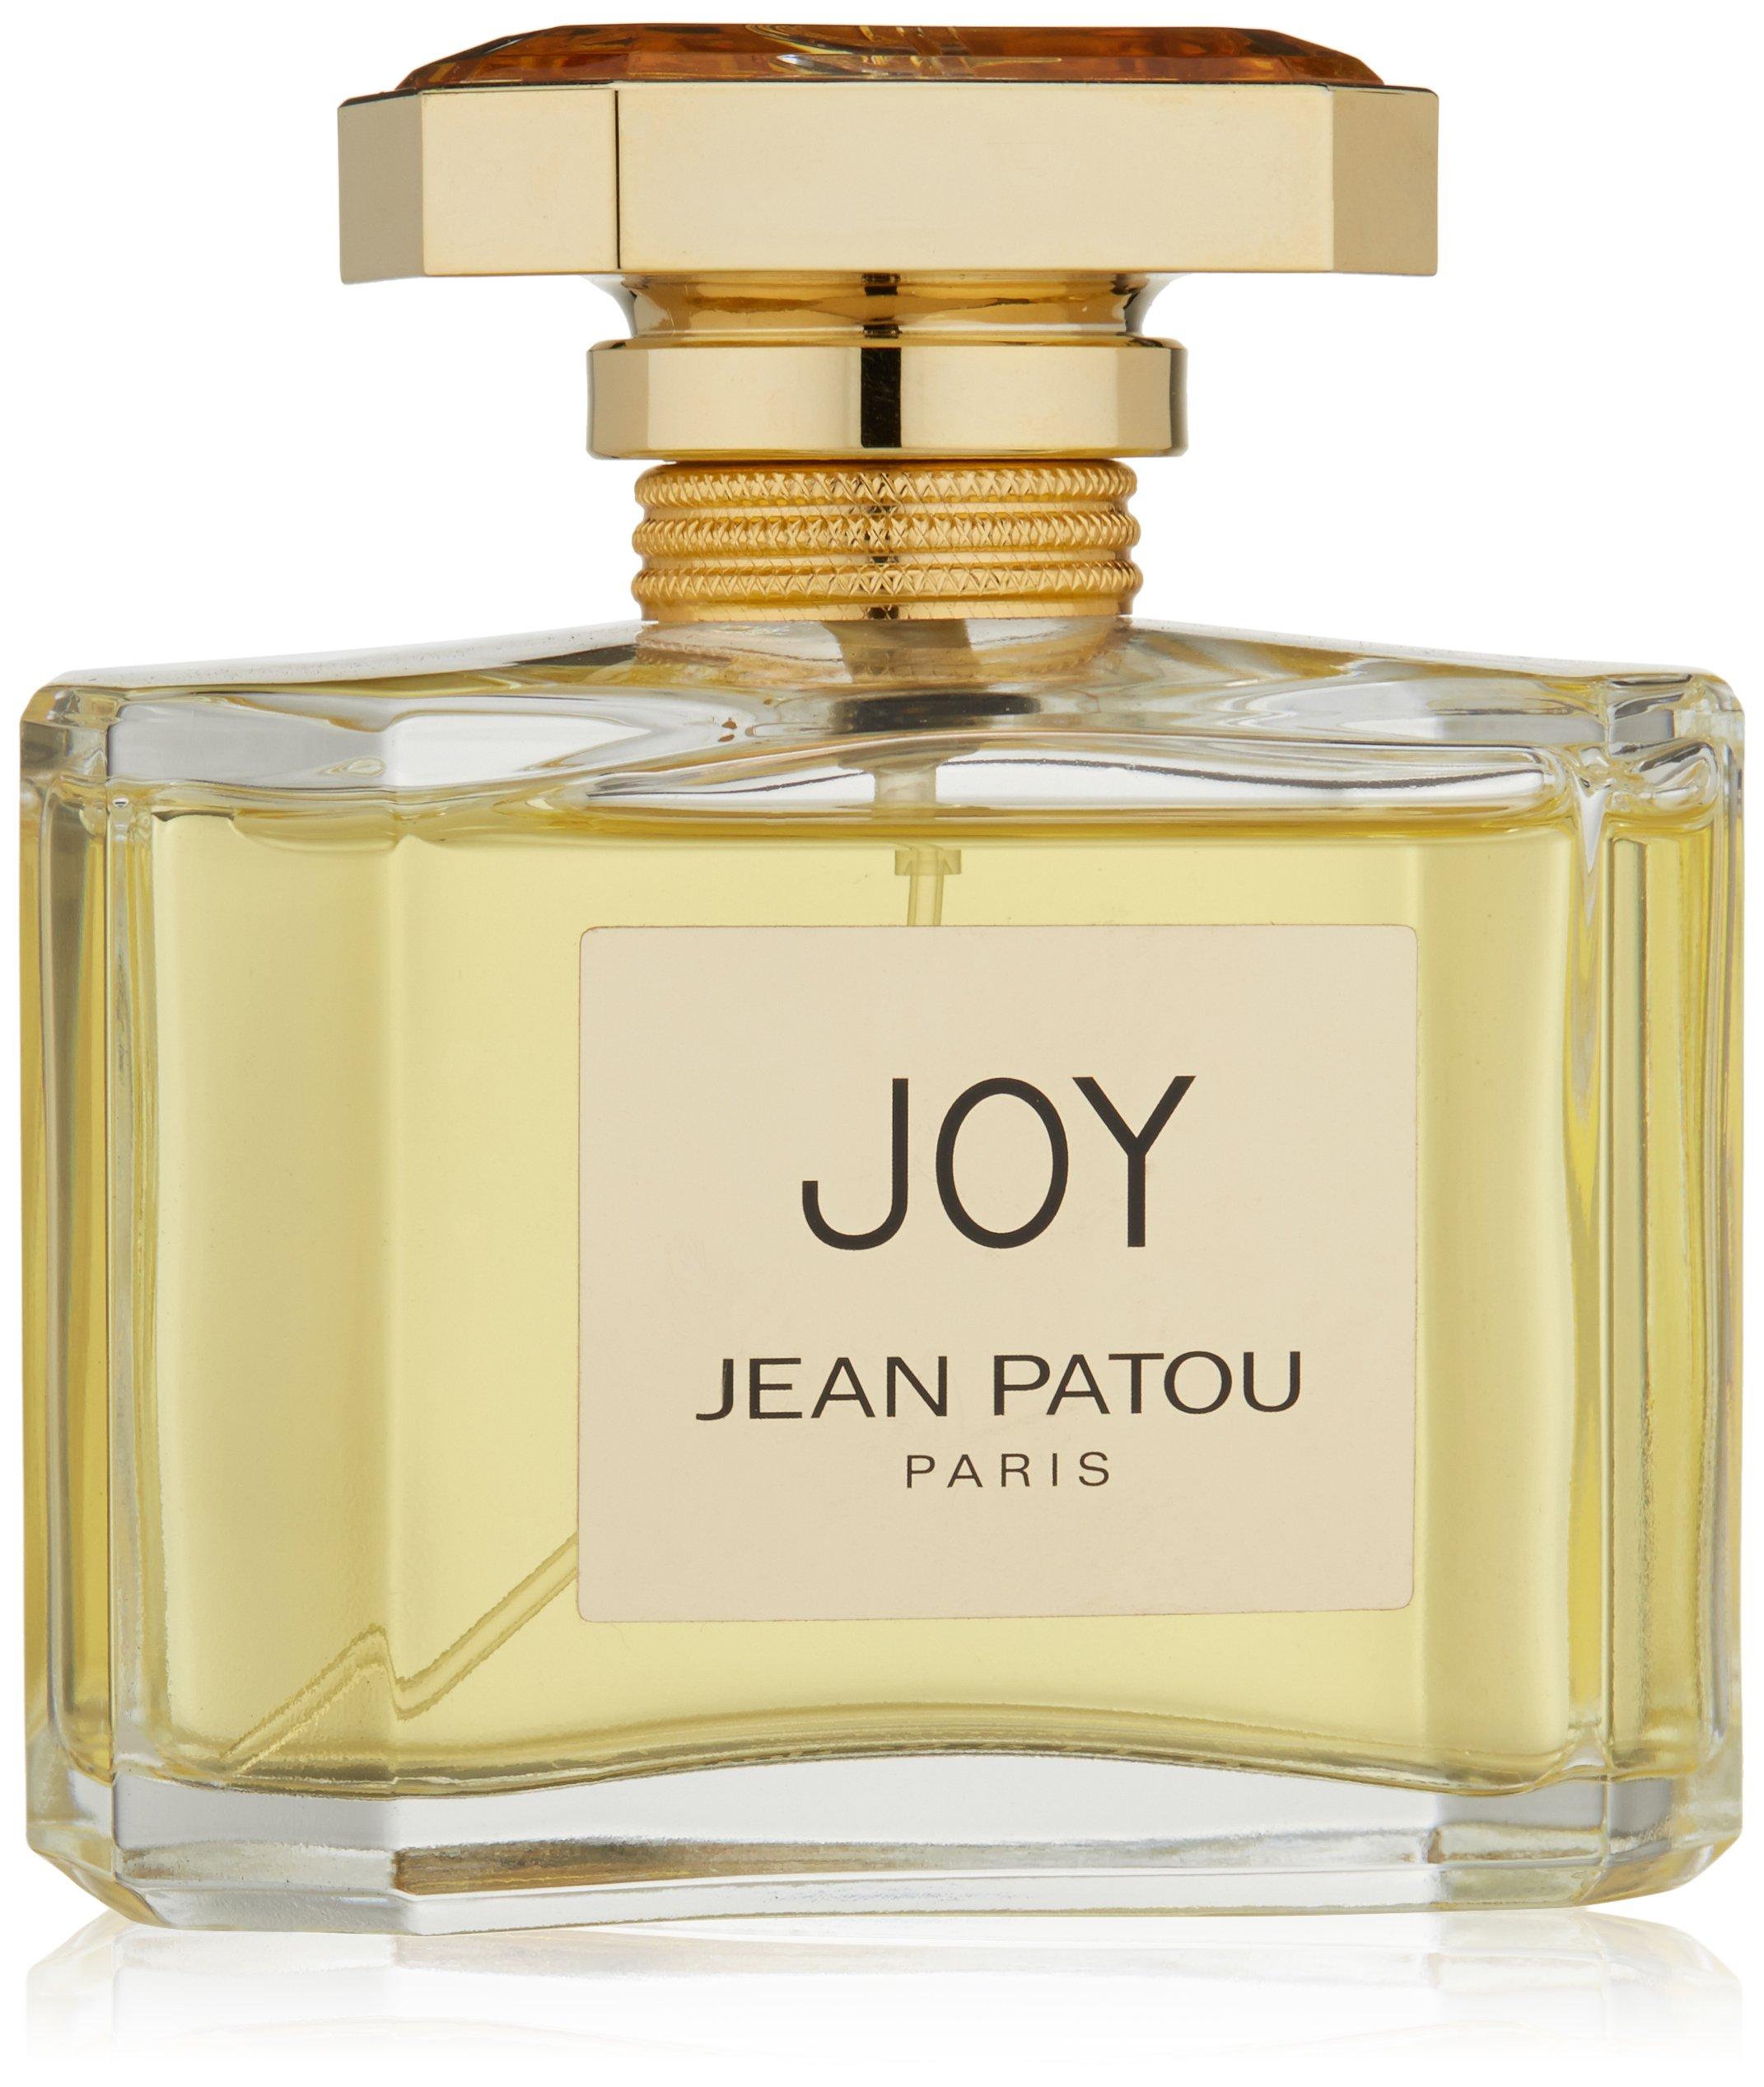 Jean Patou Joy Eau de Parfum Spray for Women, 2.5 Ounce